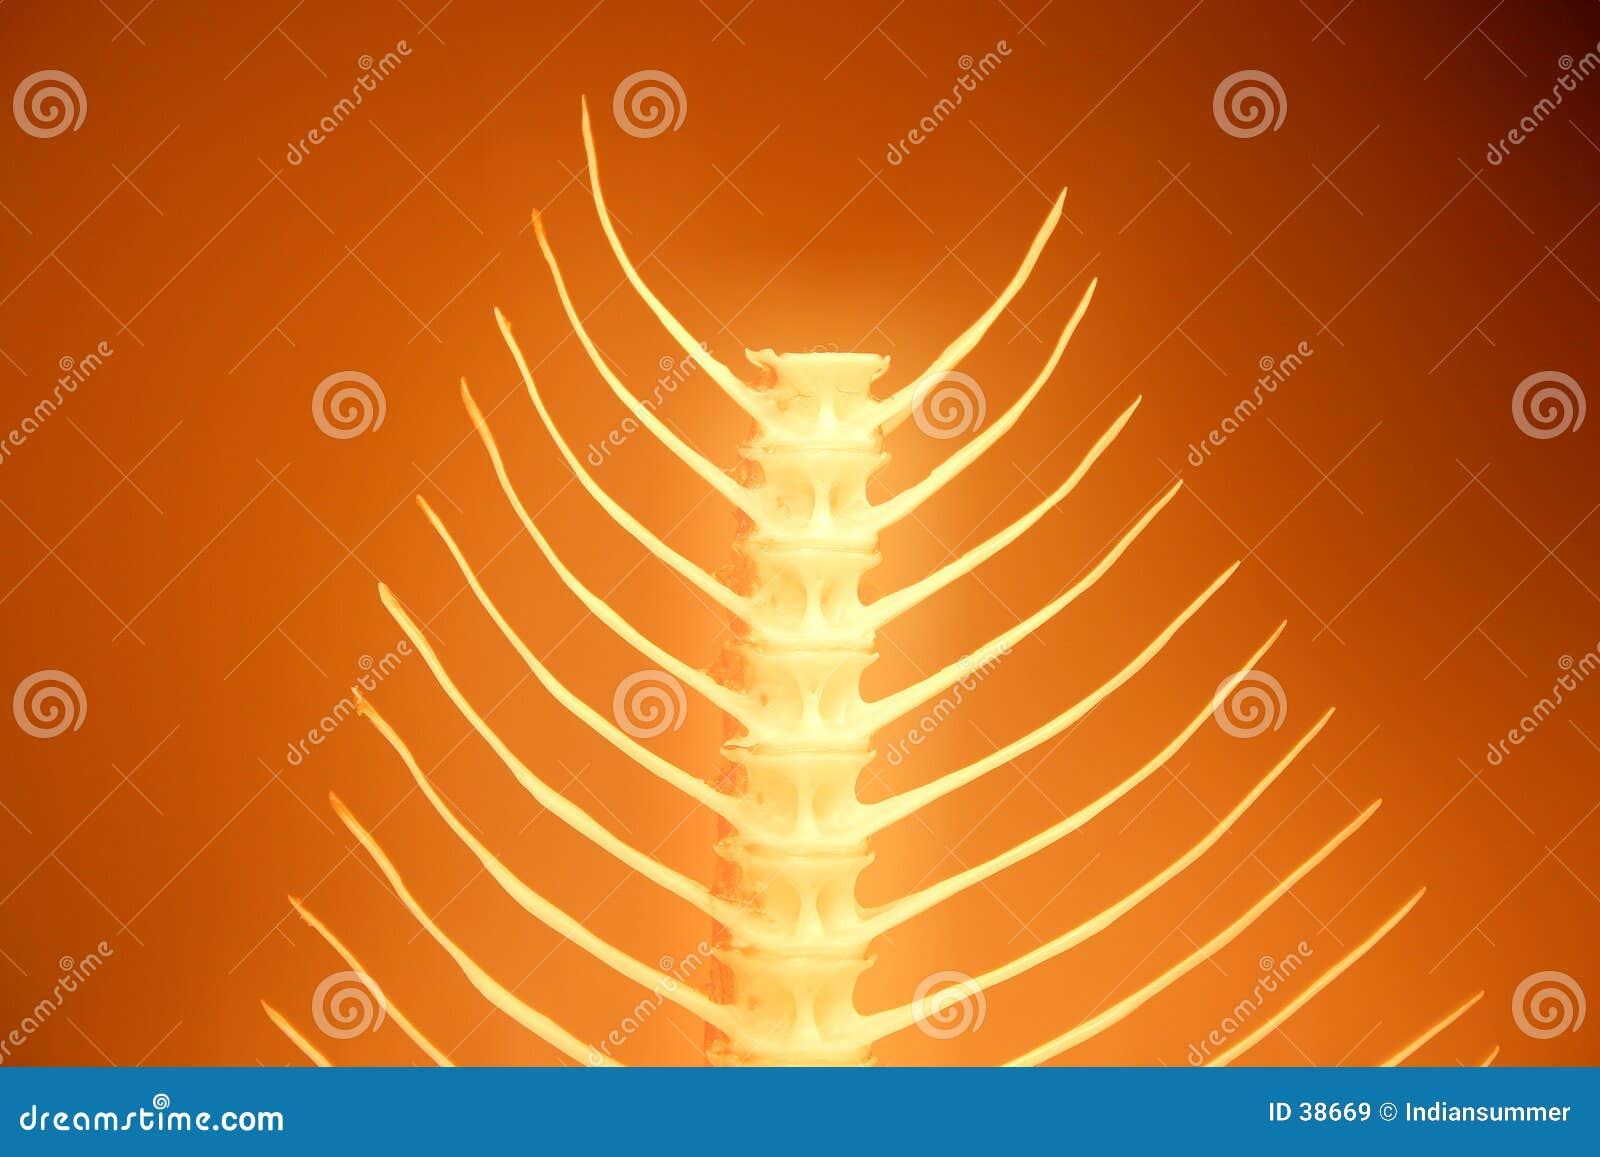 Fishbone series